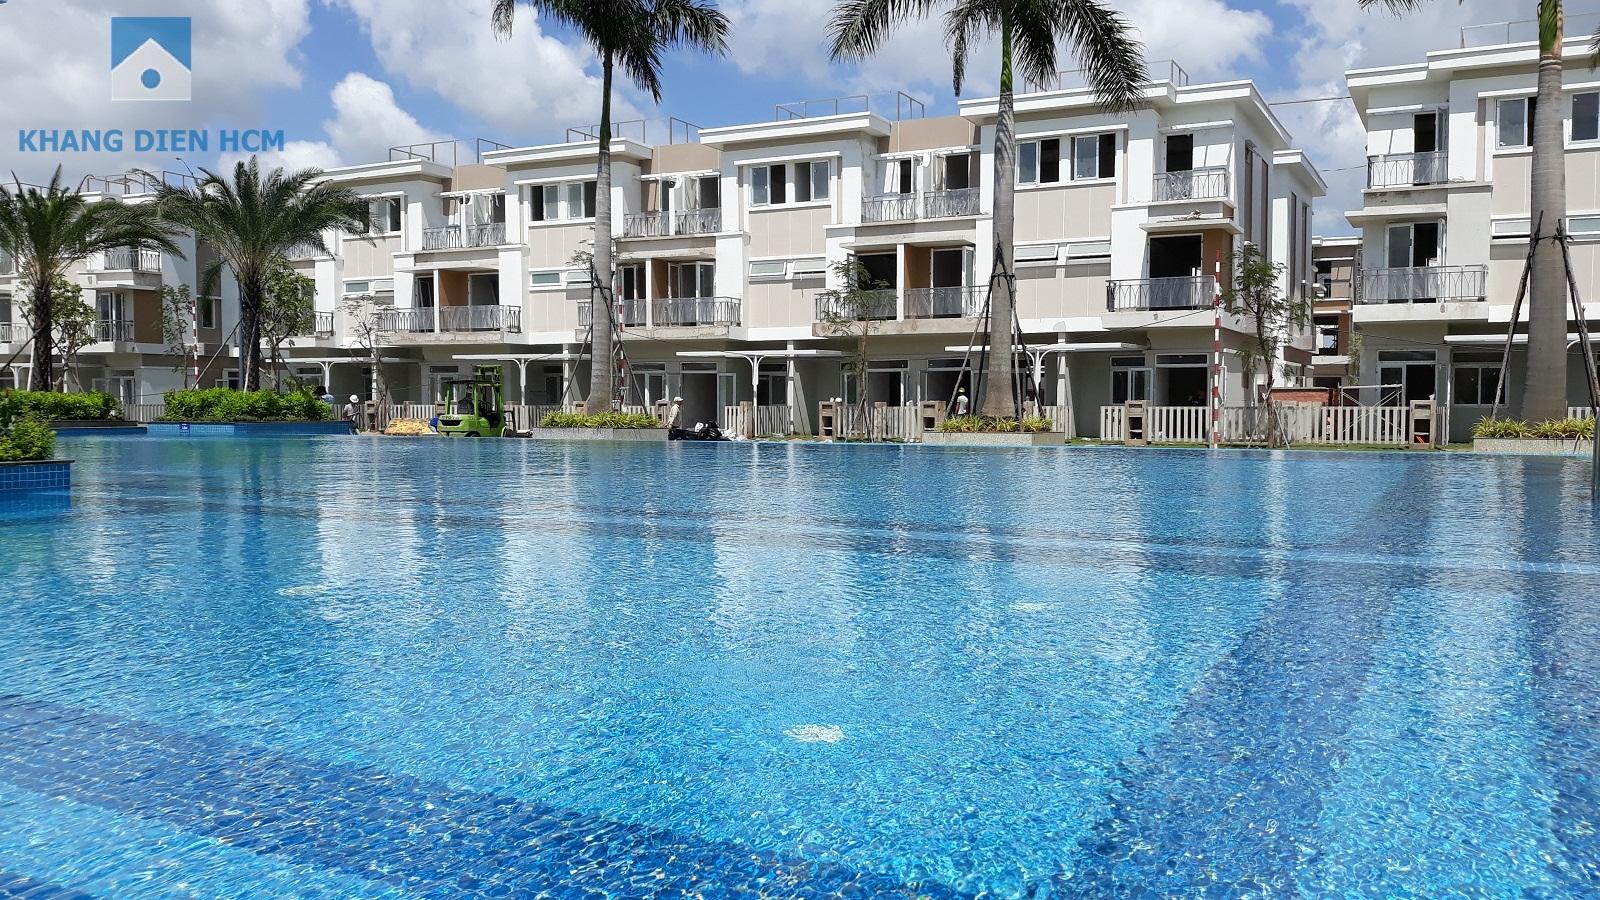 Hồ bơi phục vụ cho cư dân tại Khu 1 bao gồm các dãy A,B,C,D,E,F,G đã hoàn thiện - Khang Điền HCM